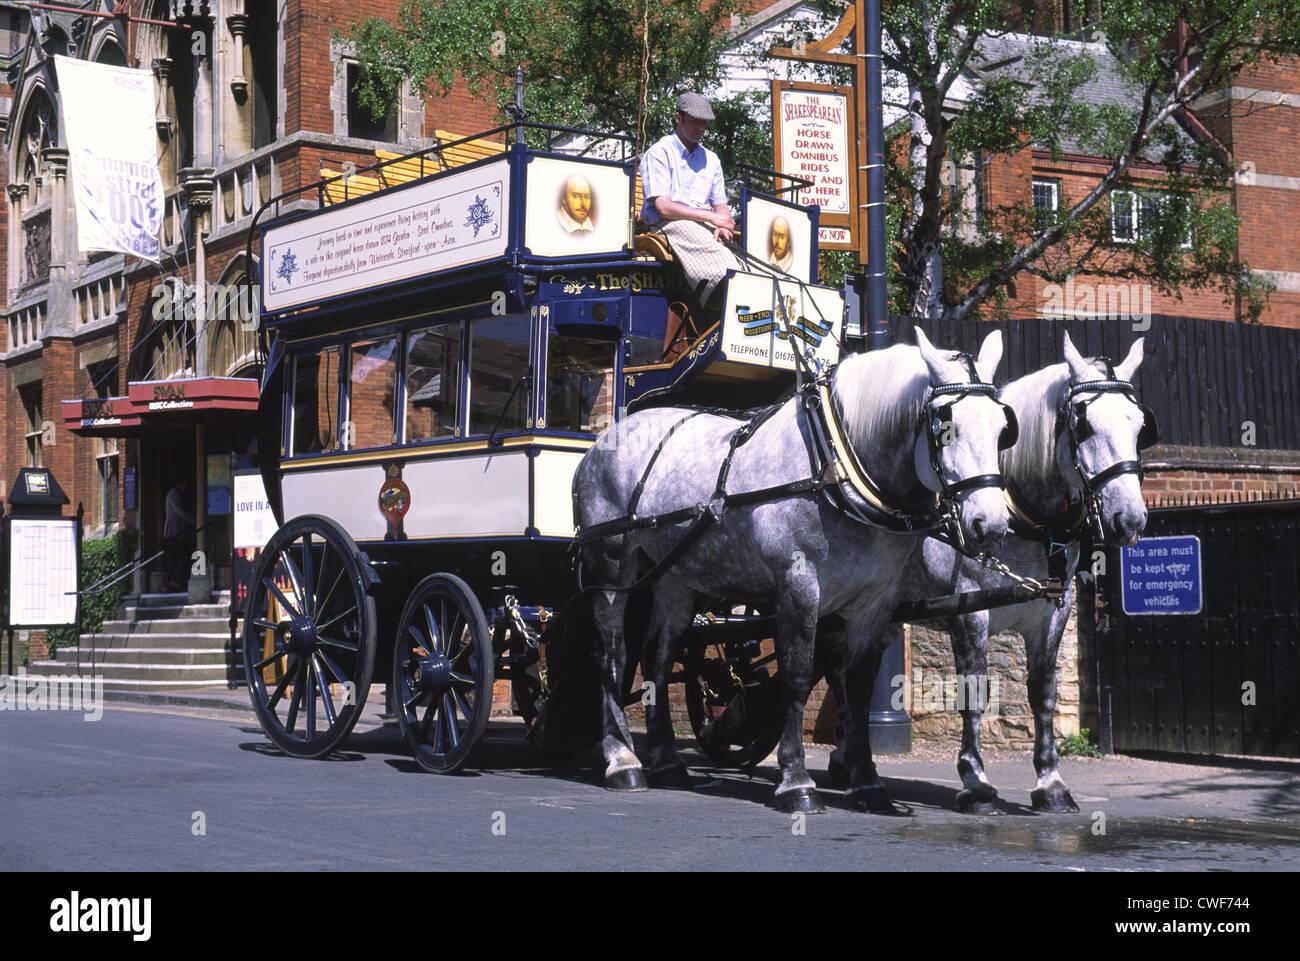 The Shakespearean horse-drawn omnibus tour, Stratford-upon-Avon, Warwickshire, UK - Stock Image